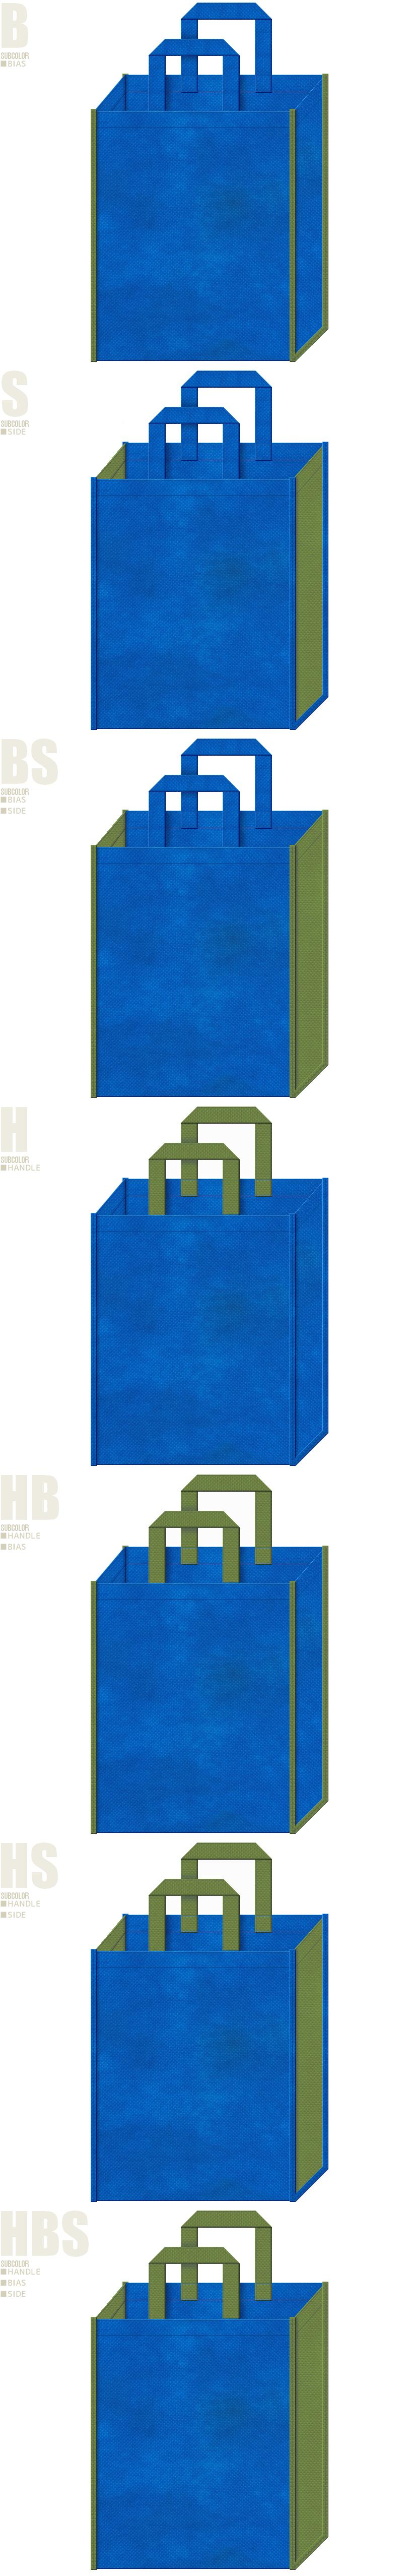 不織布トートバッグのデザイン例-不織布メインカラーNo.22+サブカラーNo.34の2色7パターン